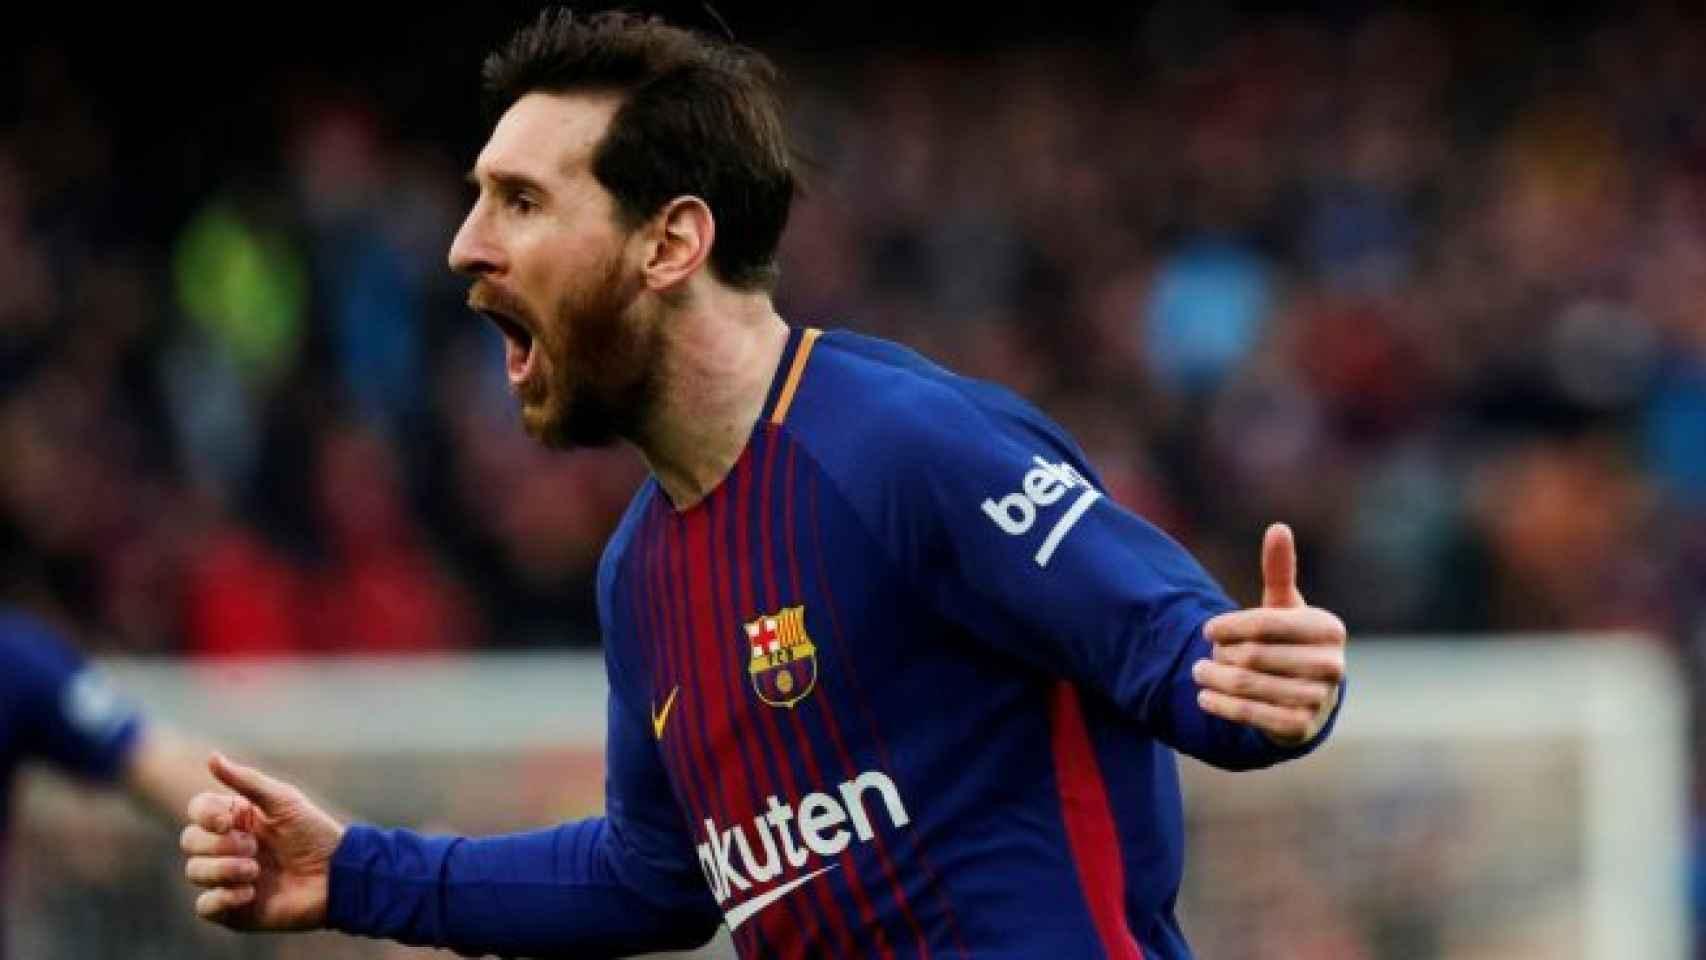 Messi celebra un gol durante la pasada temporada. Foto: EFE